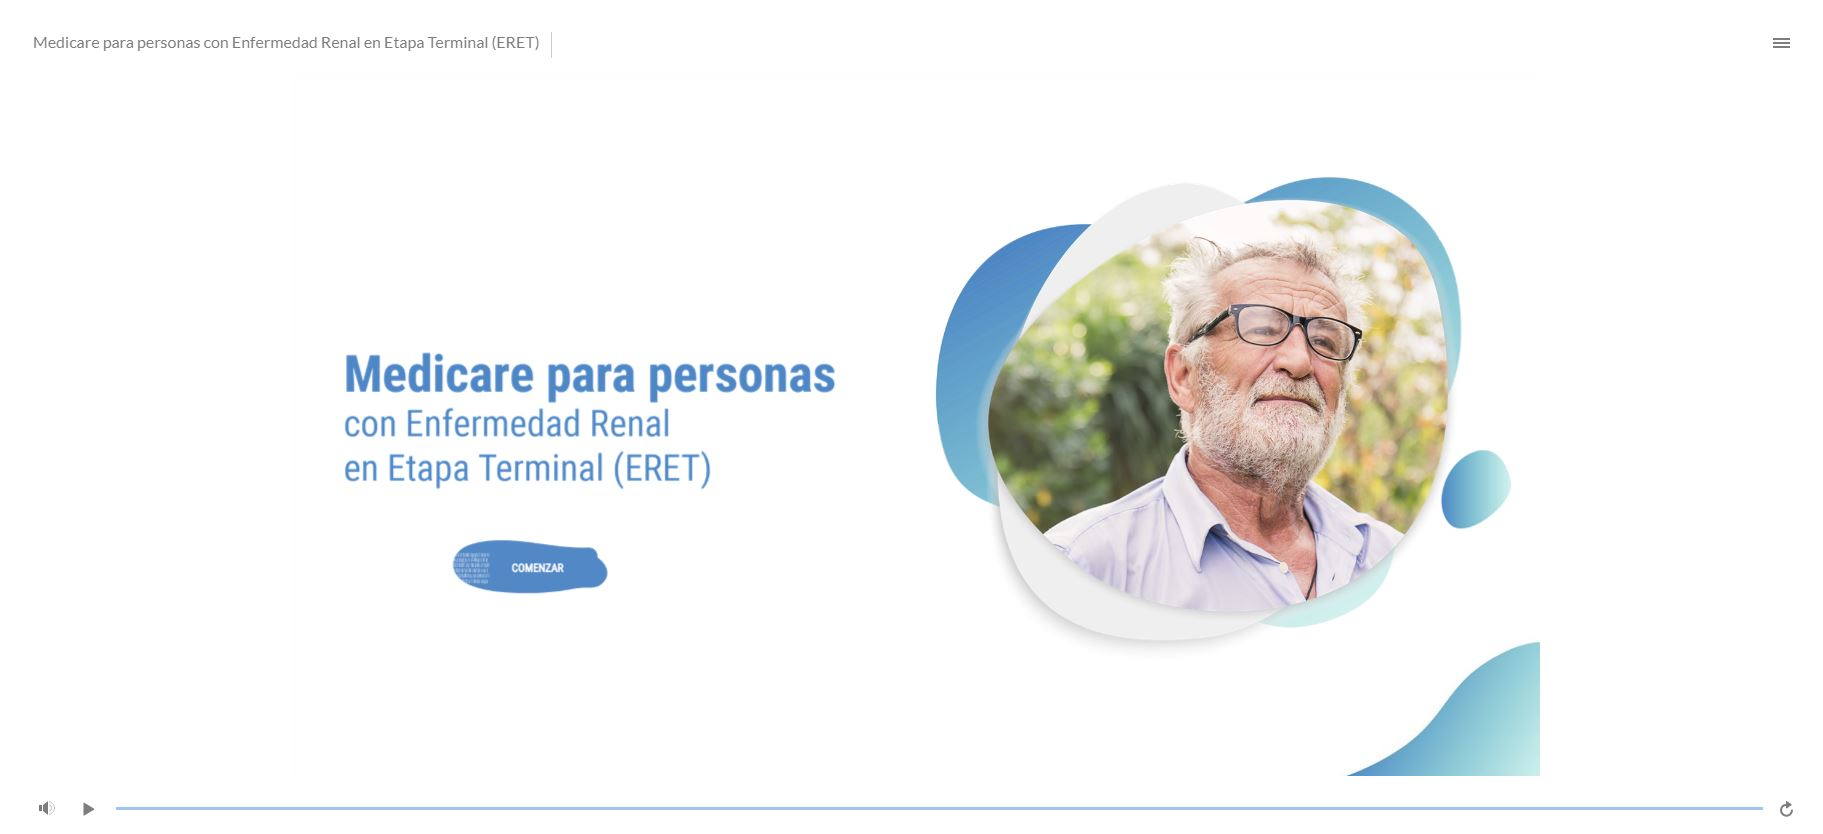 Medicare para personas con Enfermedad Renal en Etapa Terminal (ERET)